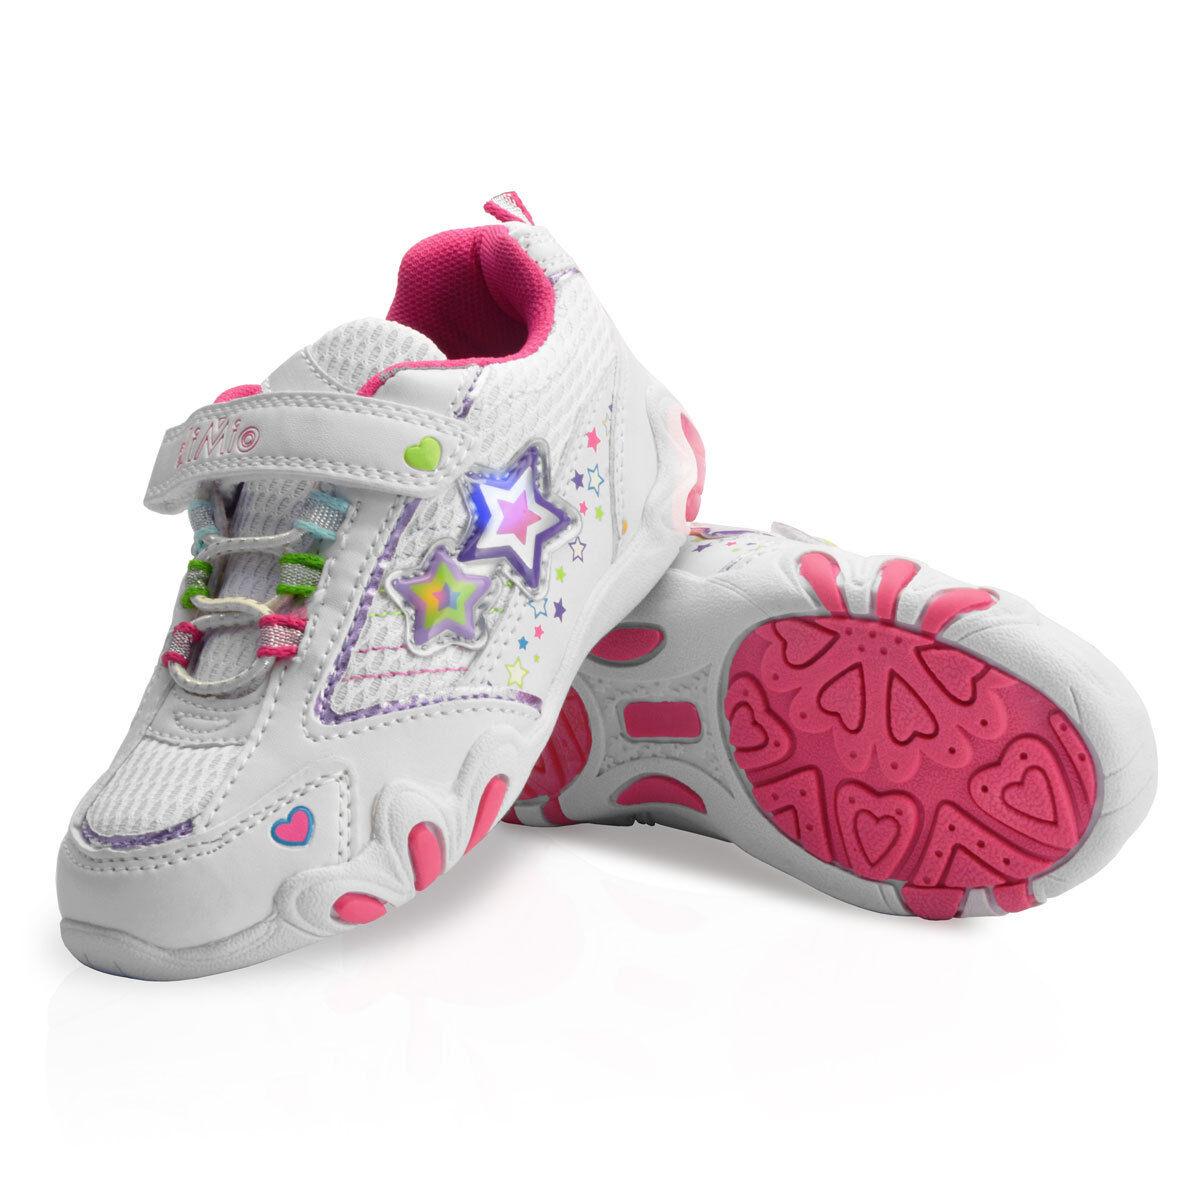 Led Schuhe Für Kinder Vergleich Test +++ Led Schuhe Für